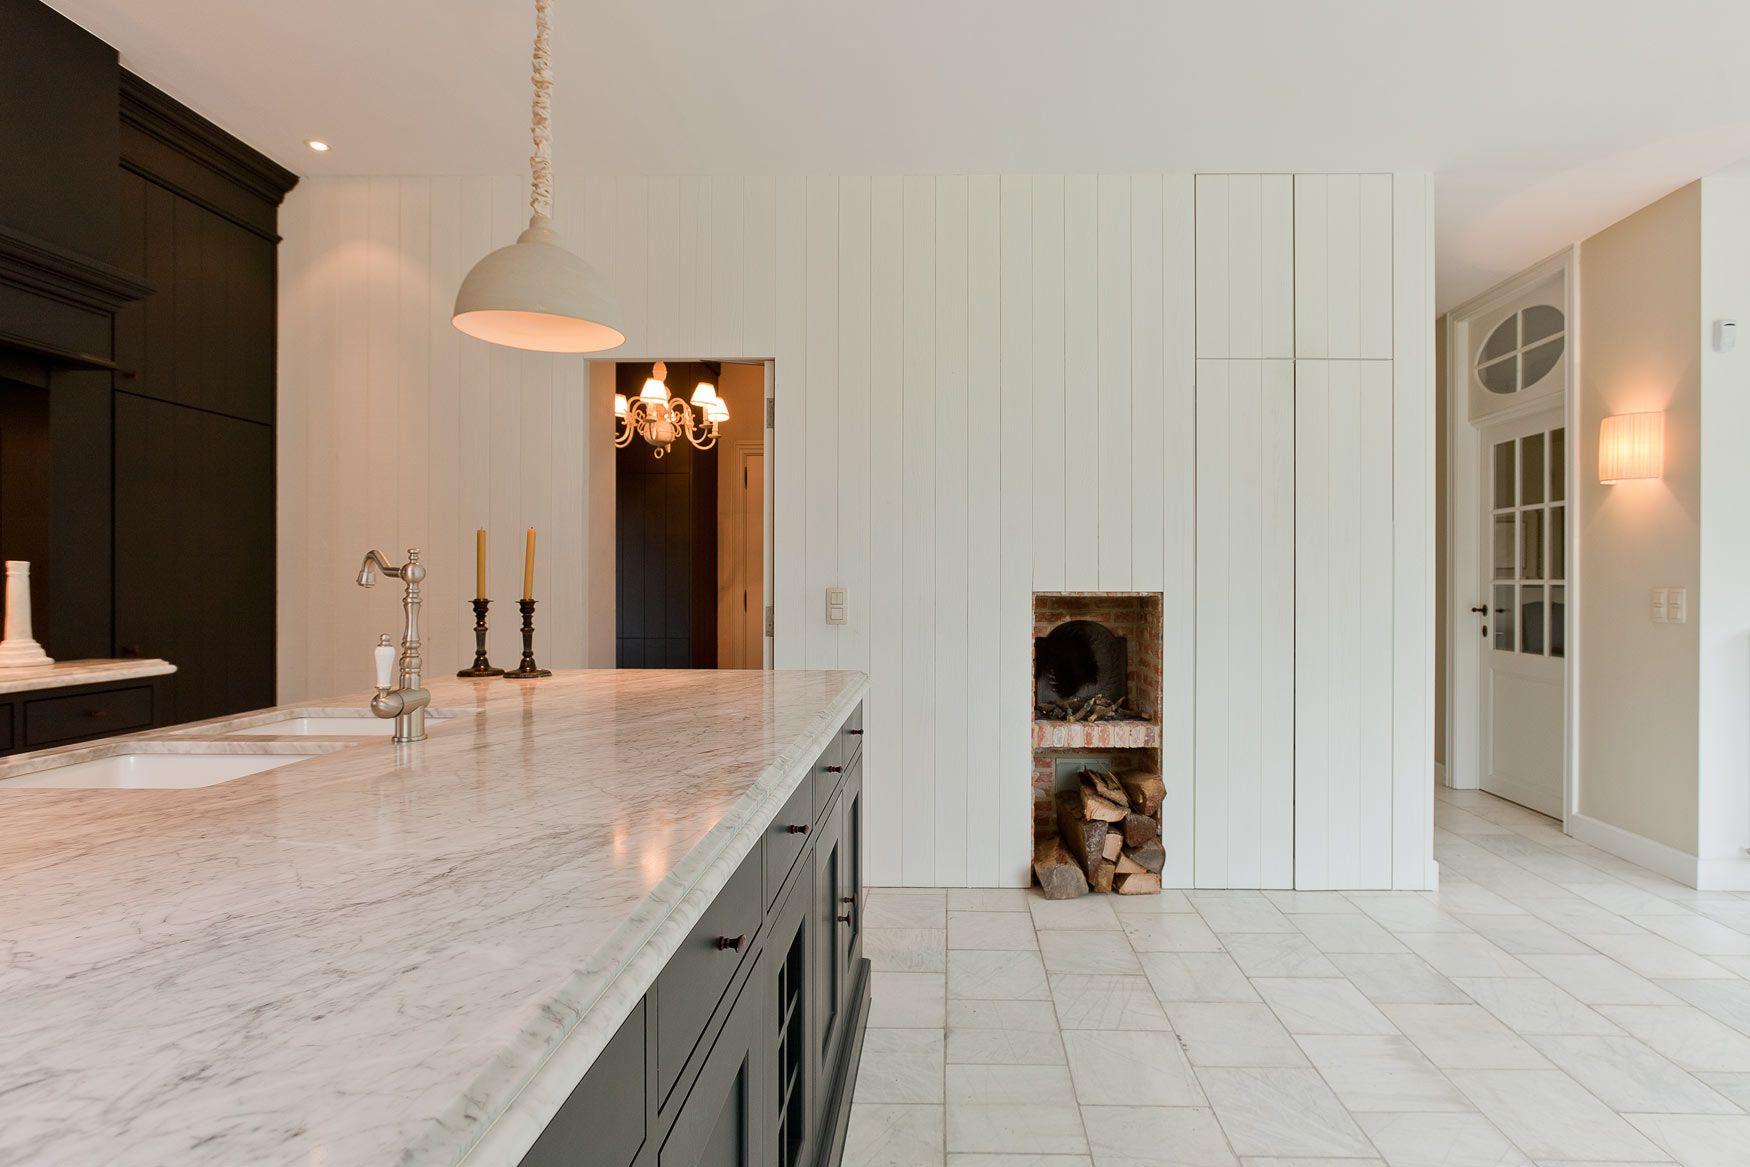 Landelijke keukens hoskens interieurstudio kitchen keuken